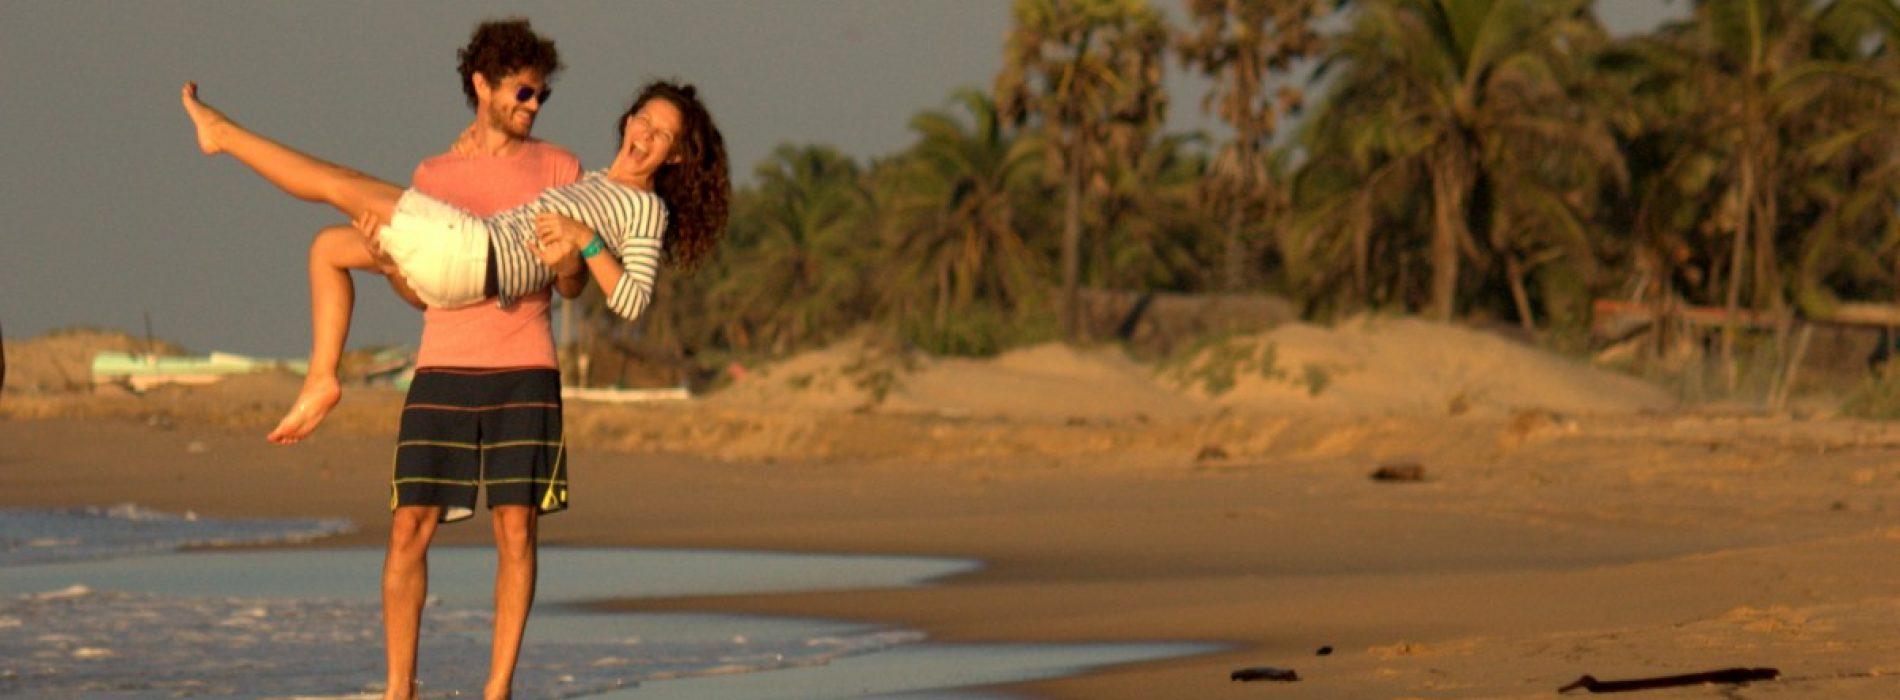 Îndrăgostiți de kiteboarding, Liviana și Cristi își iau lumea-n cap de Sărbători